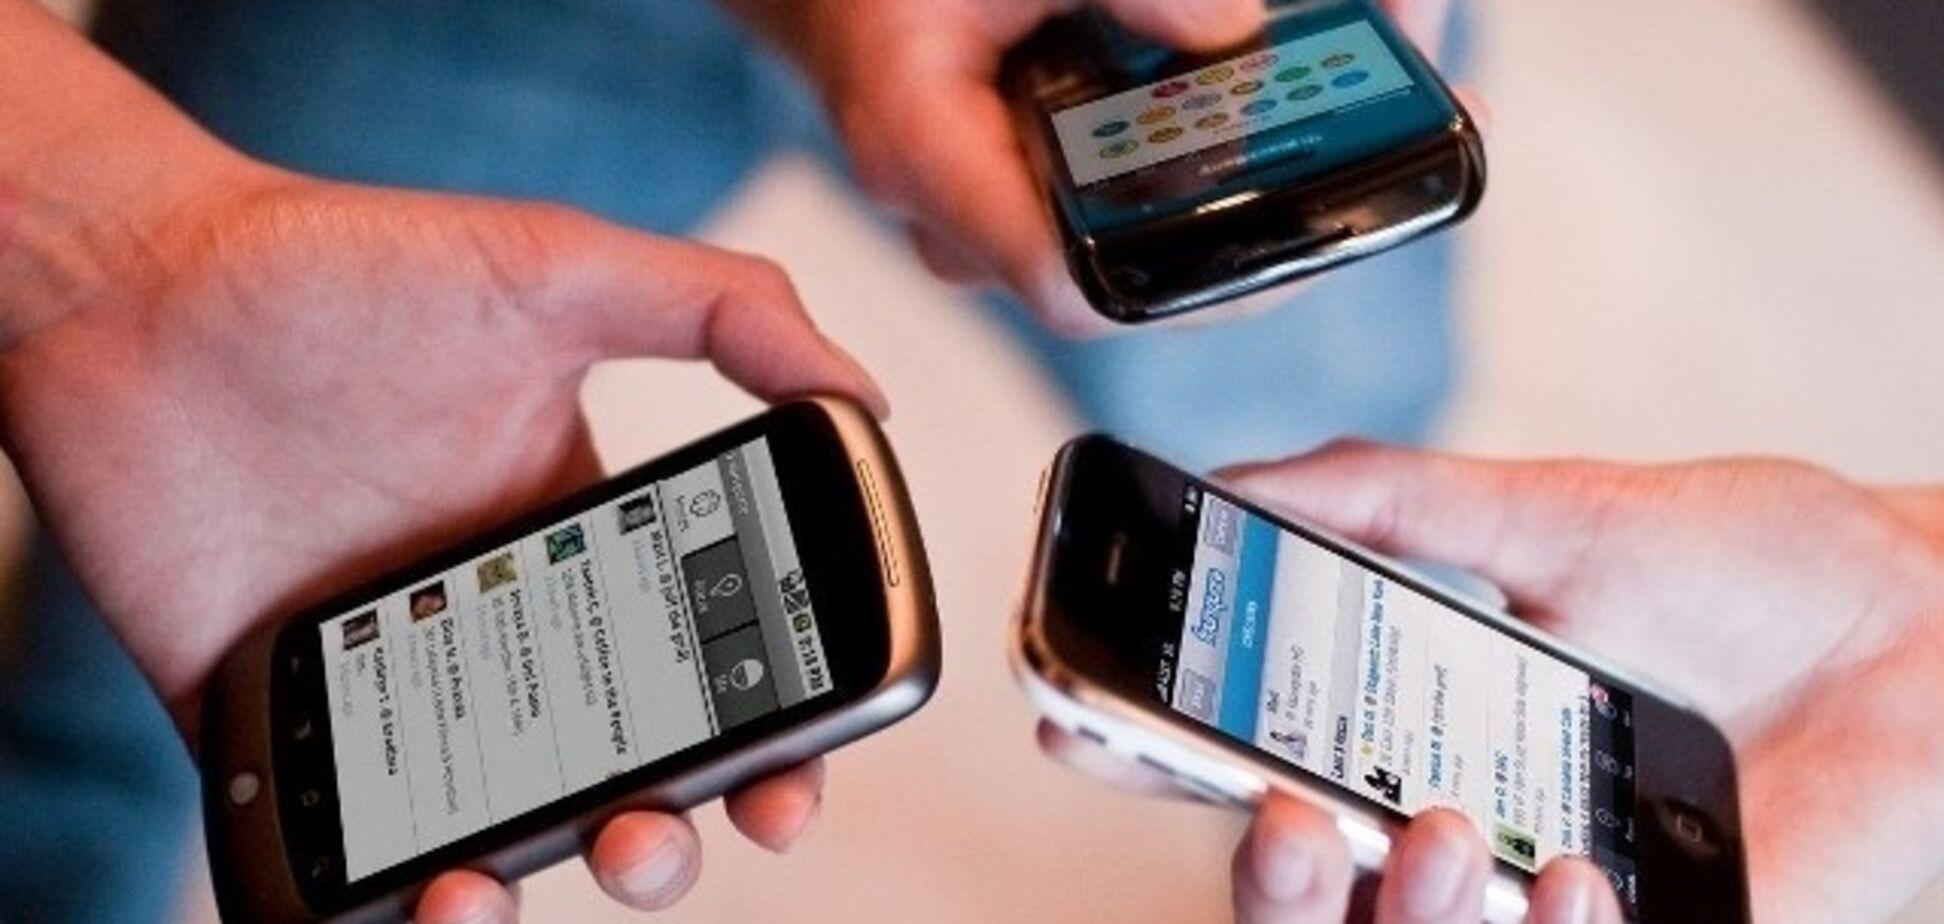 Ведущего мобильного оператора Украины оштрафовали за вранье